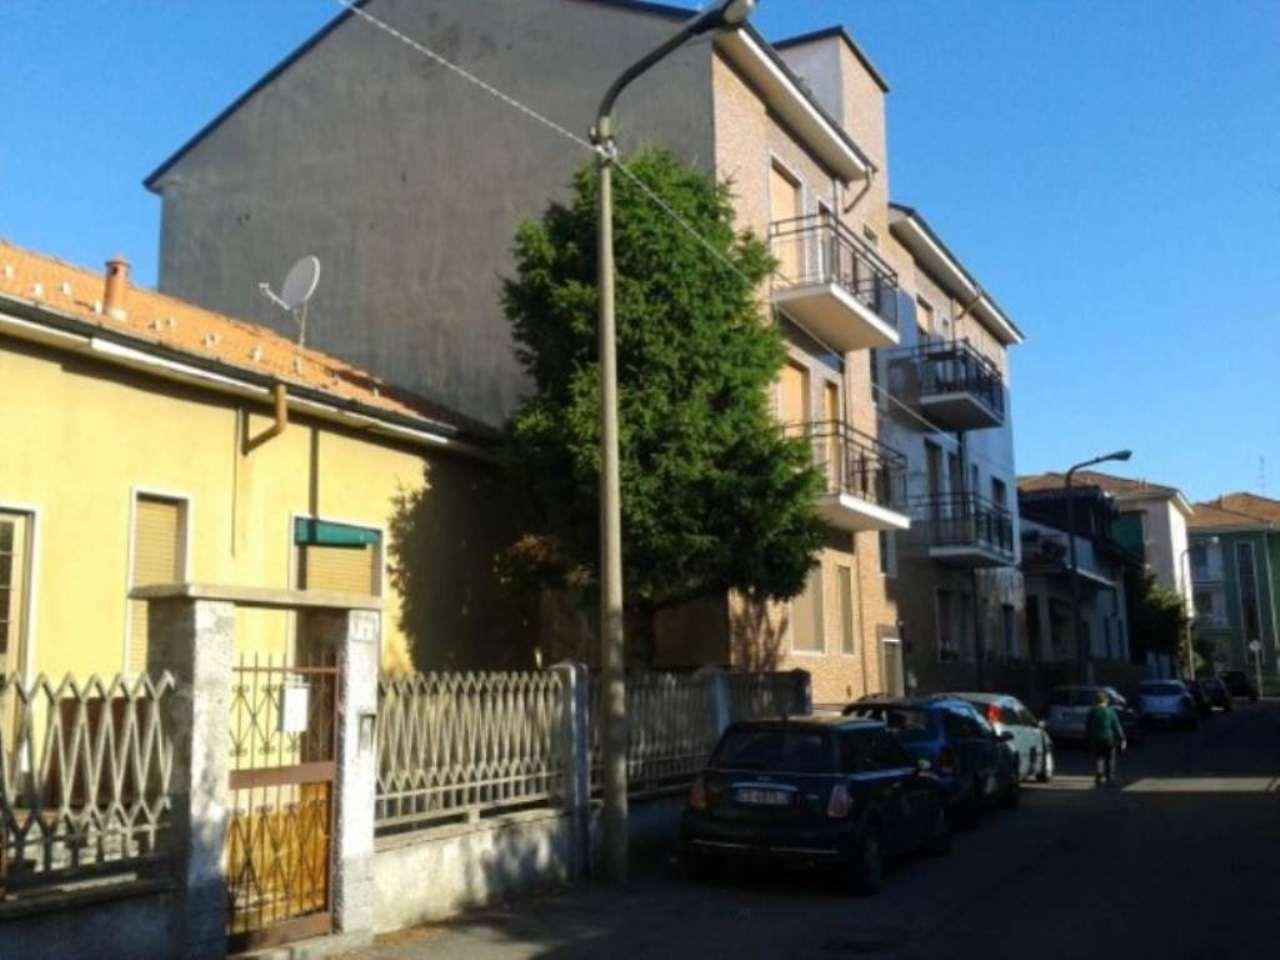 Palazzo / Stabile in vendita a Rho, 6 locali, Trattative riservate | Cambio Casa.it